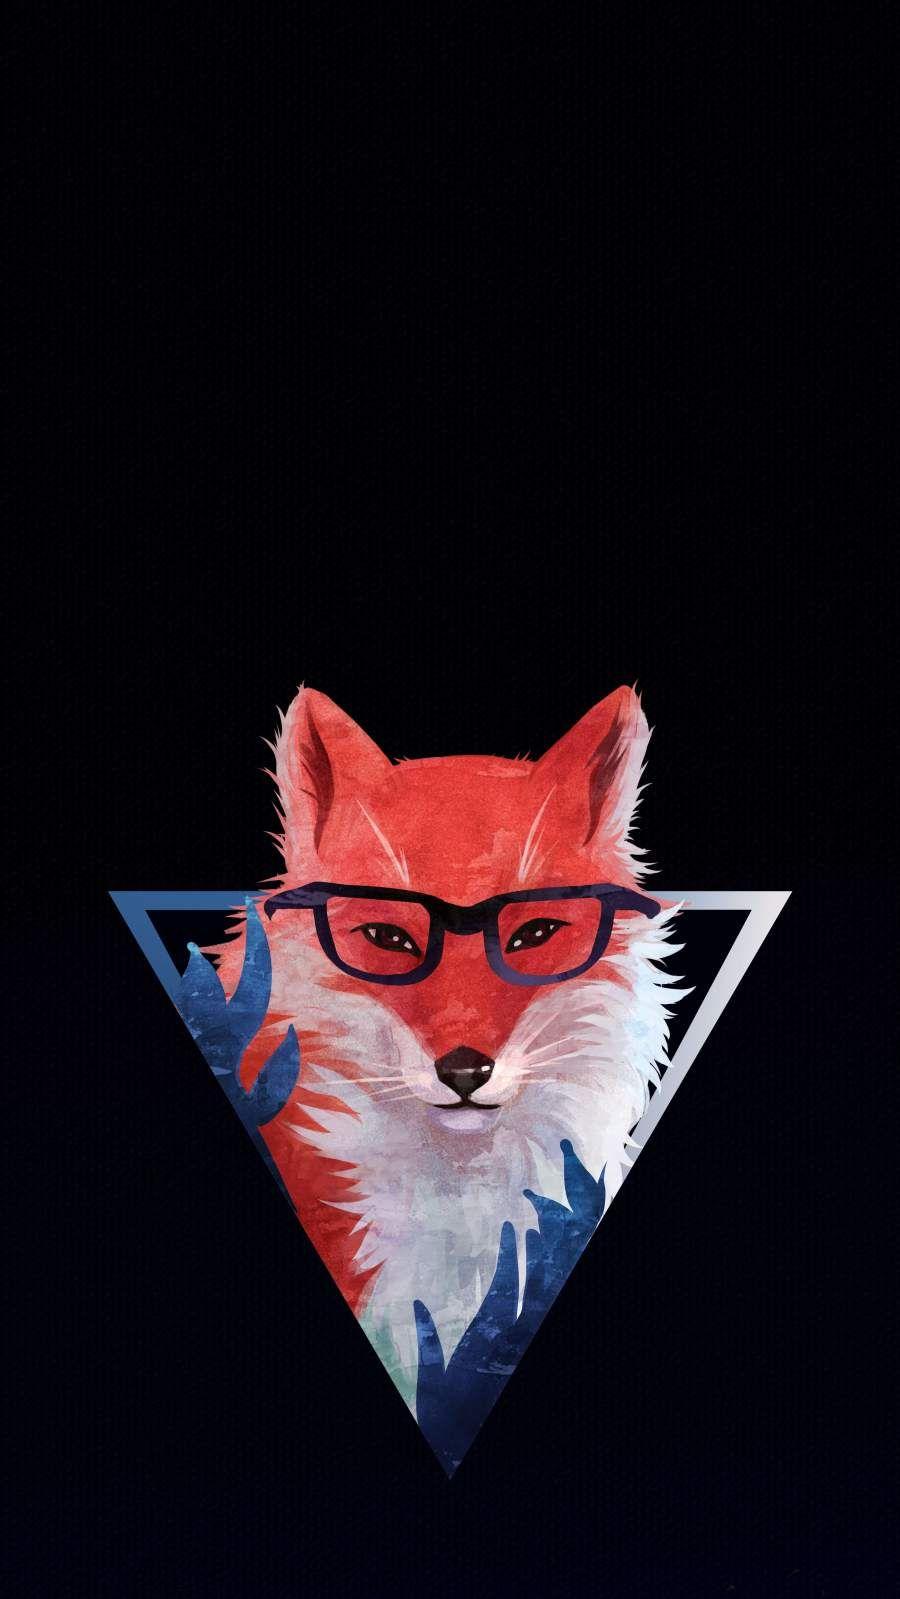 Triangle Fox Wallpaper Dessin Fond Ecran Ecran